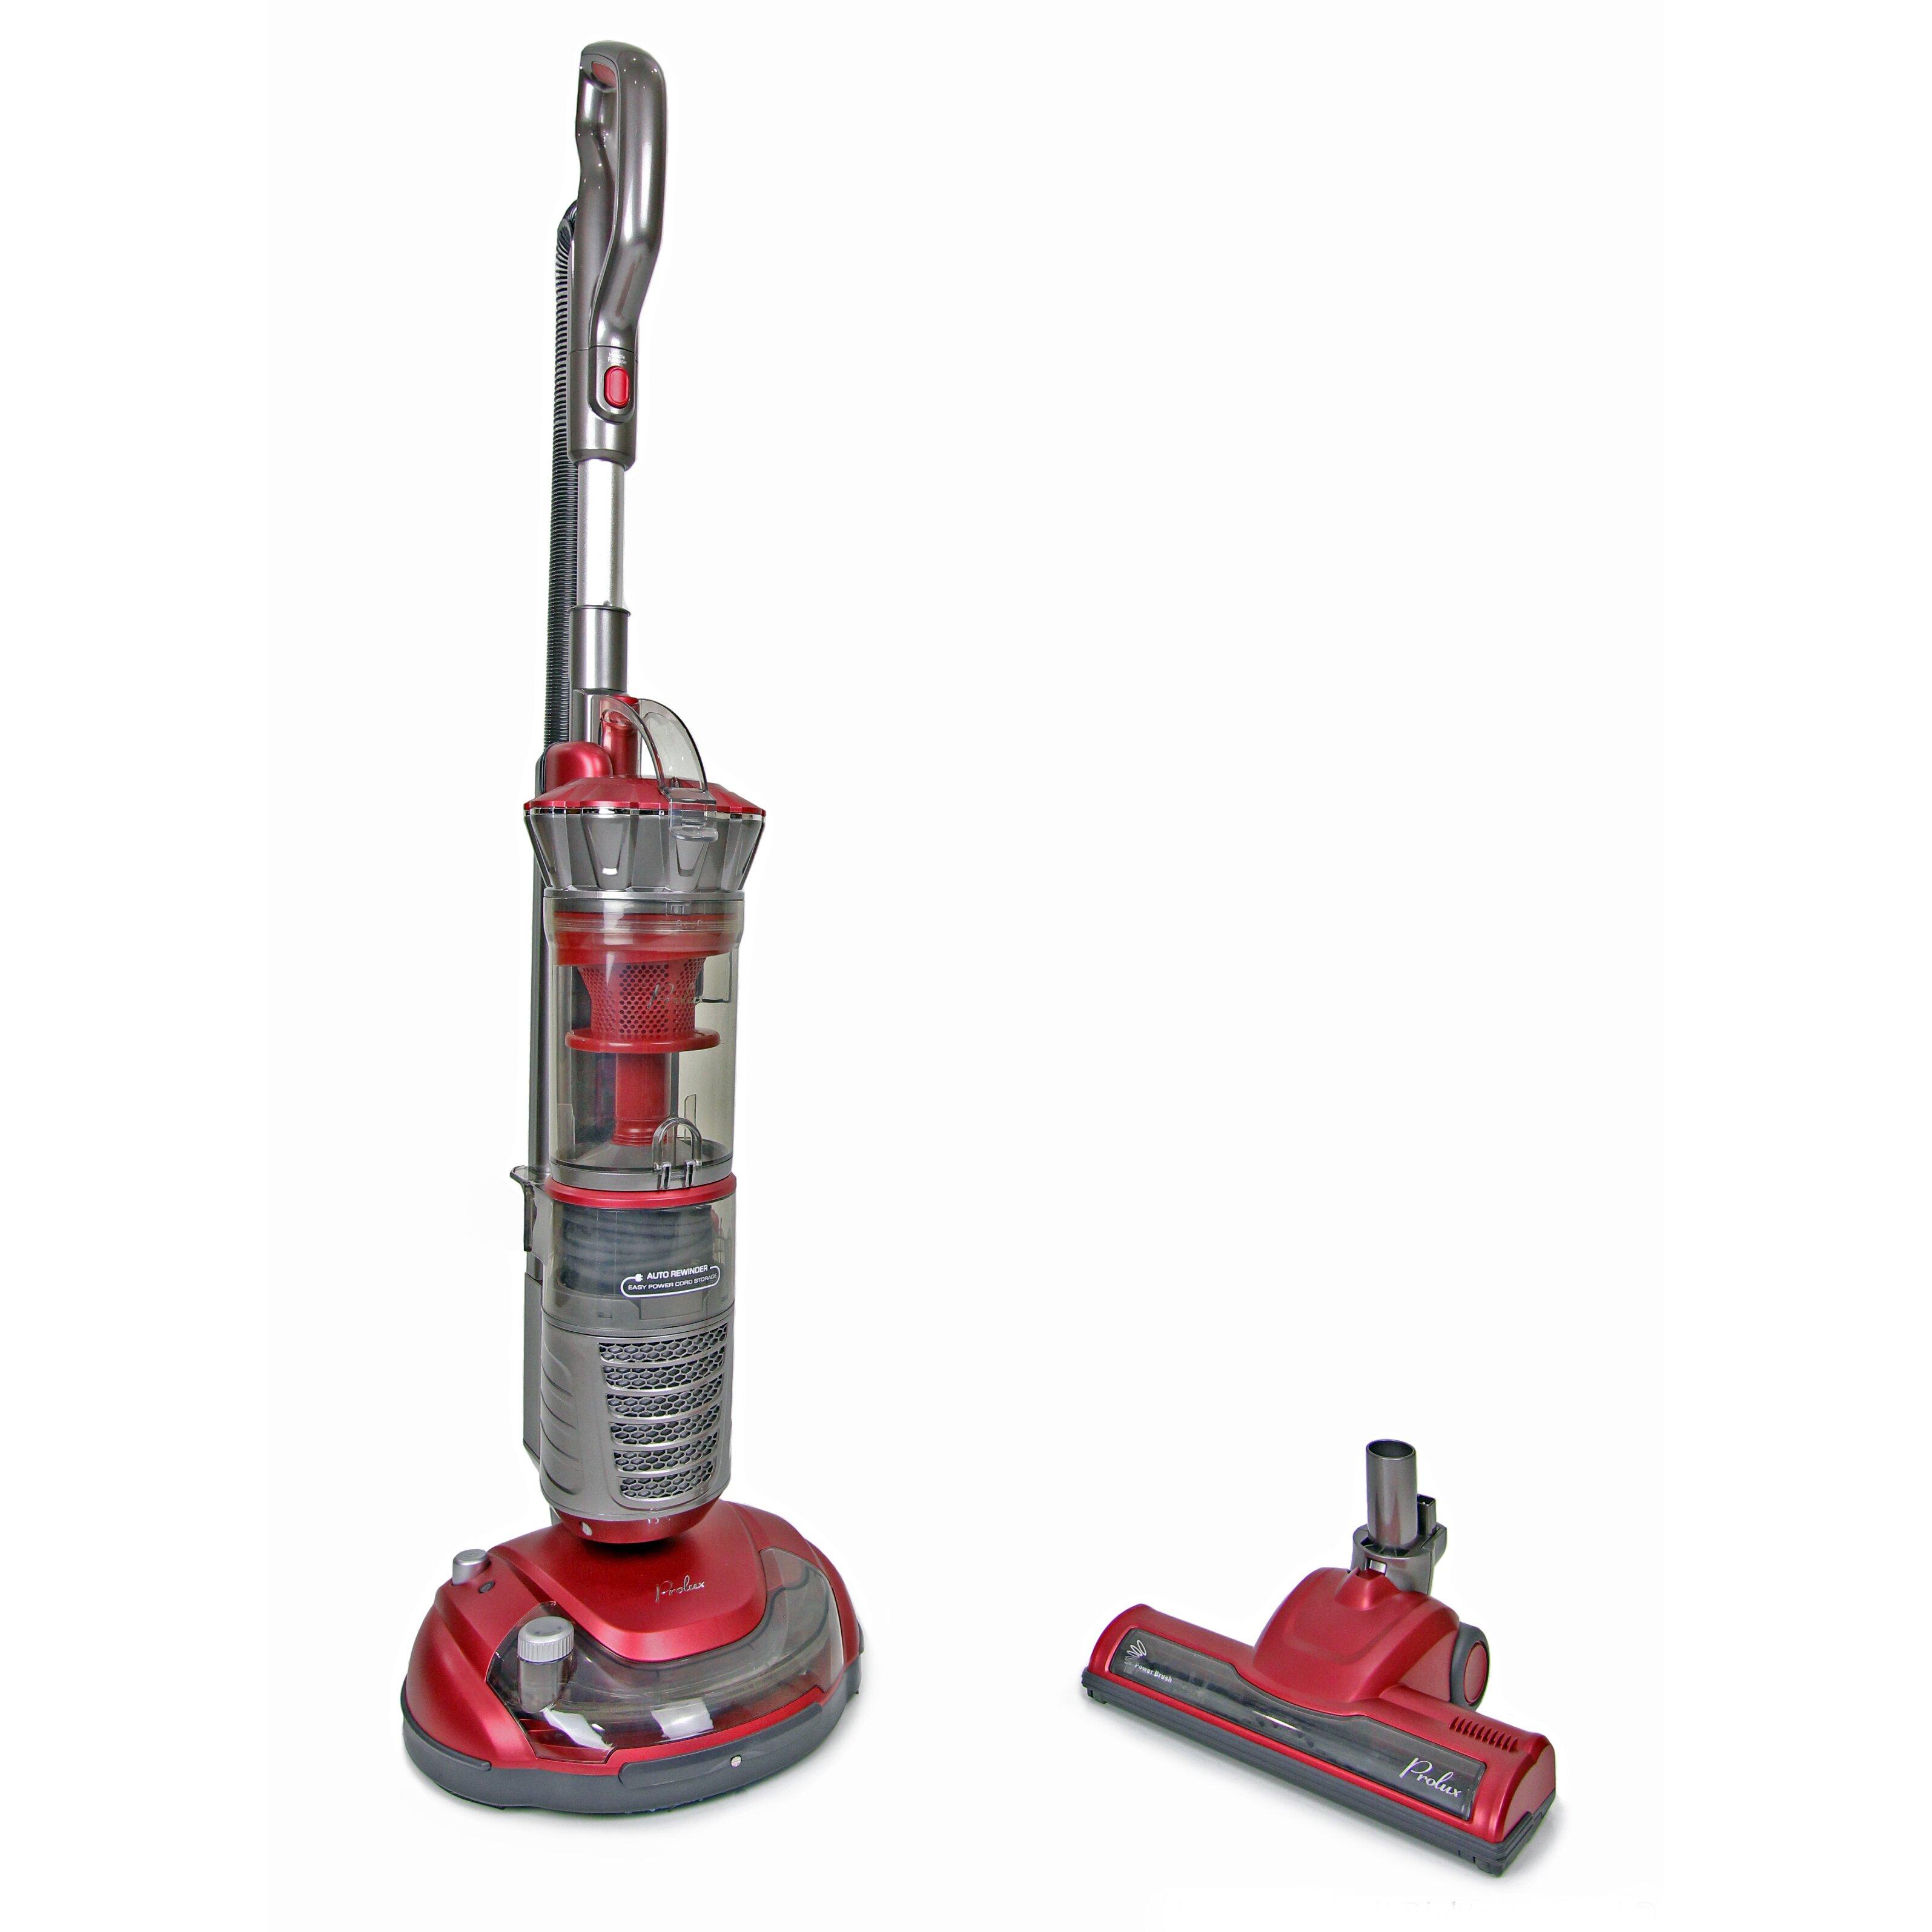 Prolux Allvac Floor Cleaner Wayfair